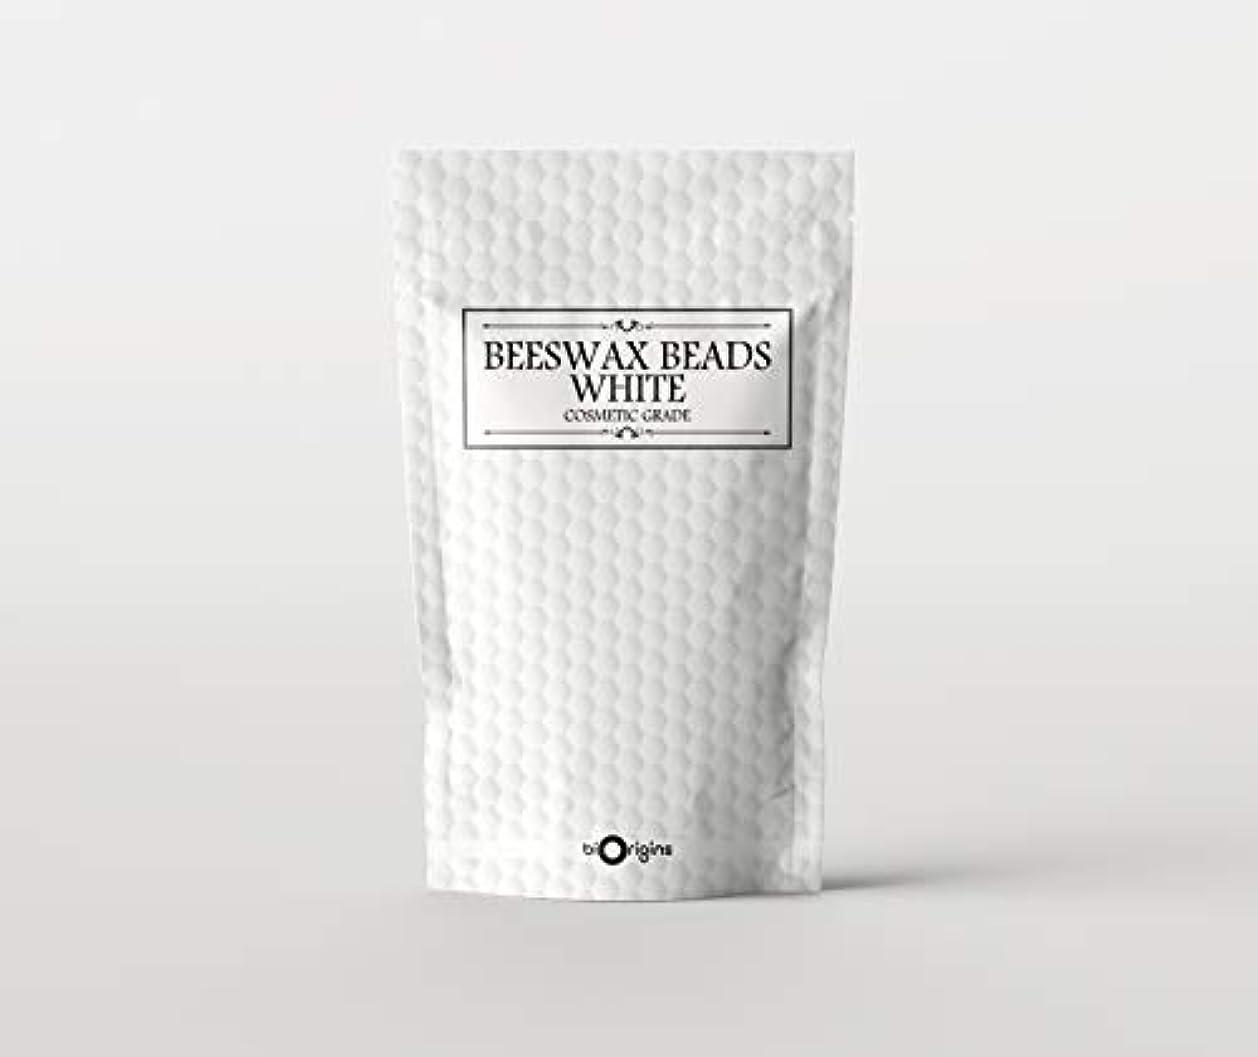 剣悲鳴あなたのものBeeswax Beads White - Cosmetic Grade - 500g